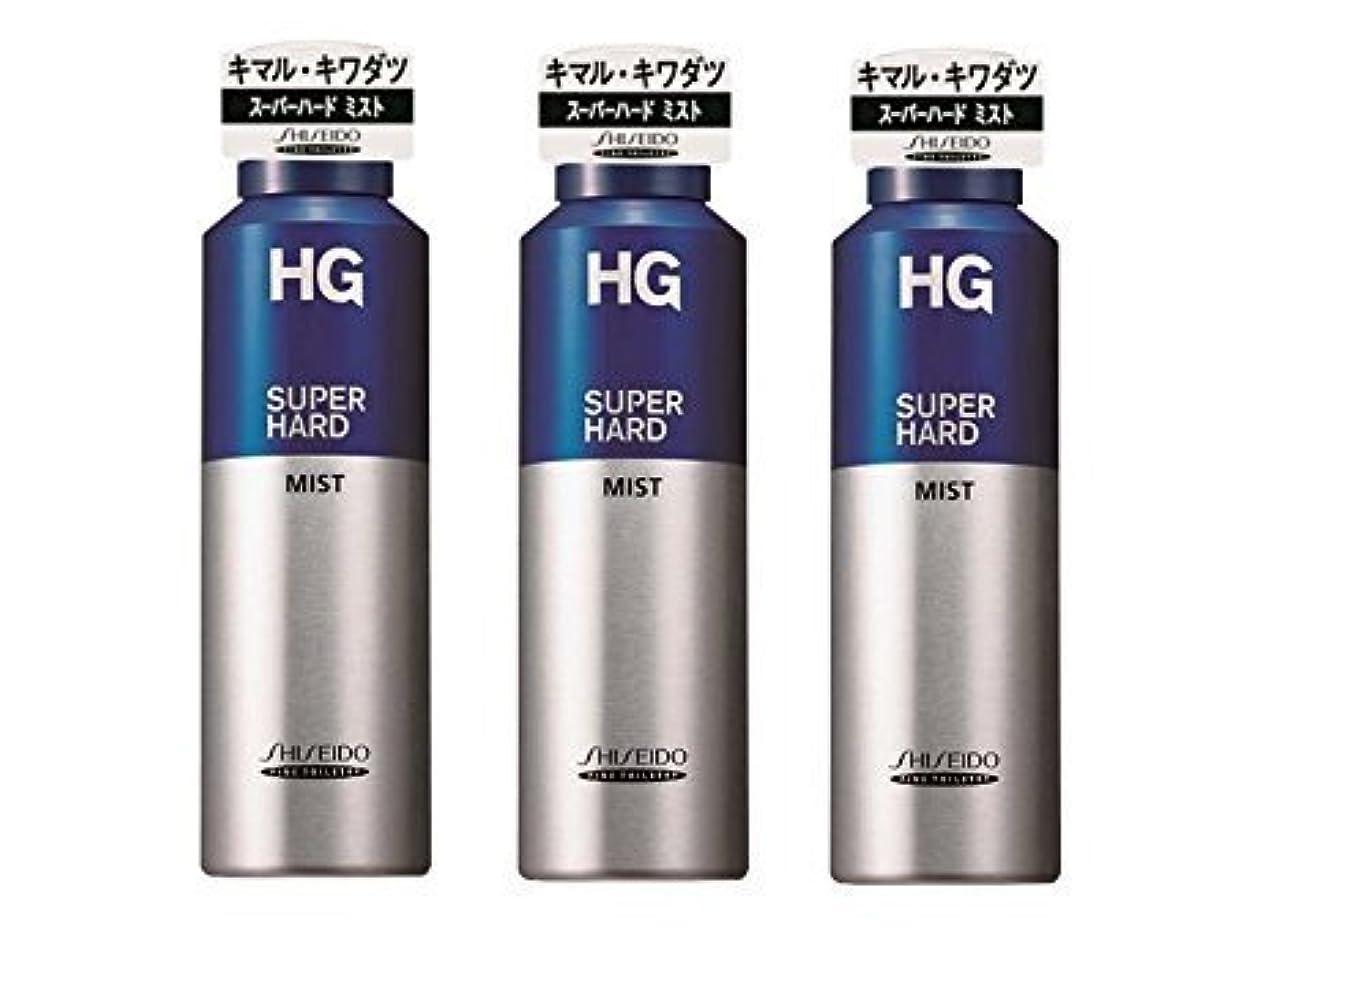 ブランク商標店員【まとめ買い】HG スーパーハード ミスト 150g×3個